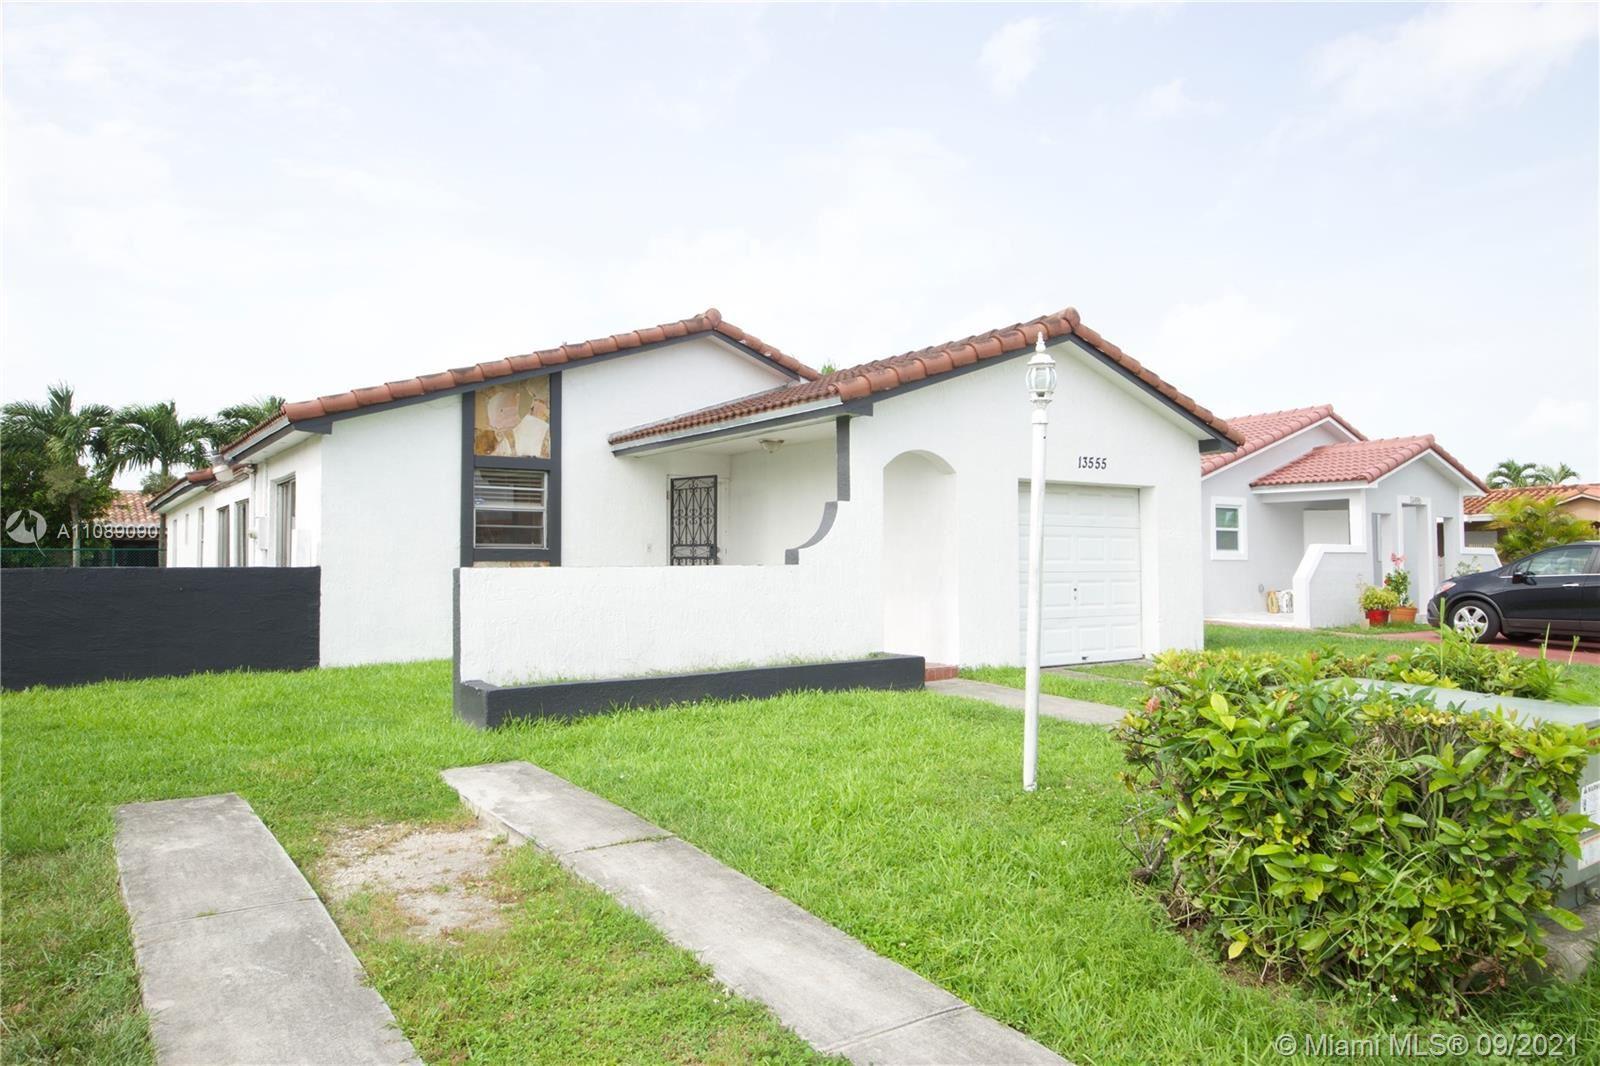 13555 SW 38th Ln, Miami, FL 33175 - #: A11089090